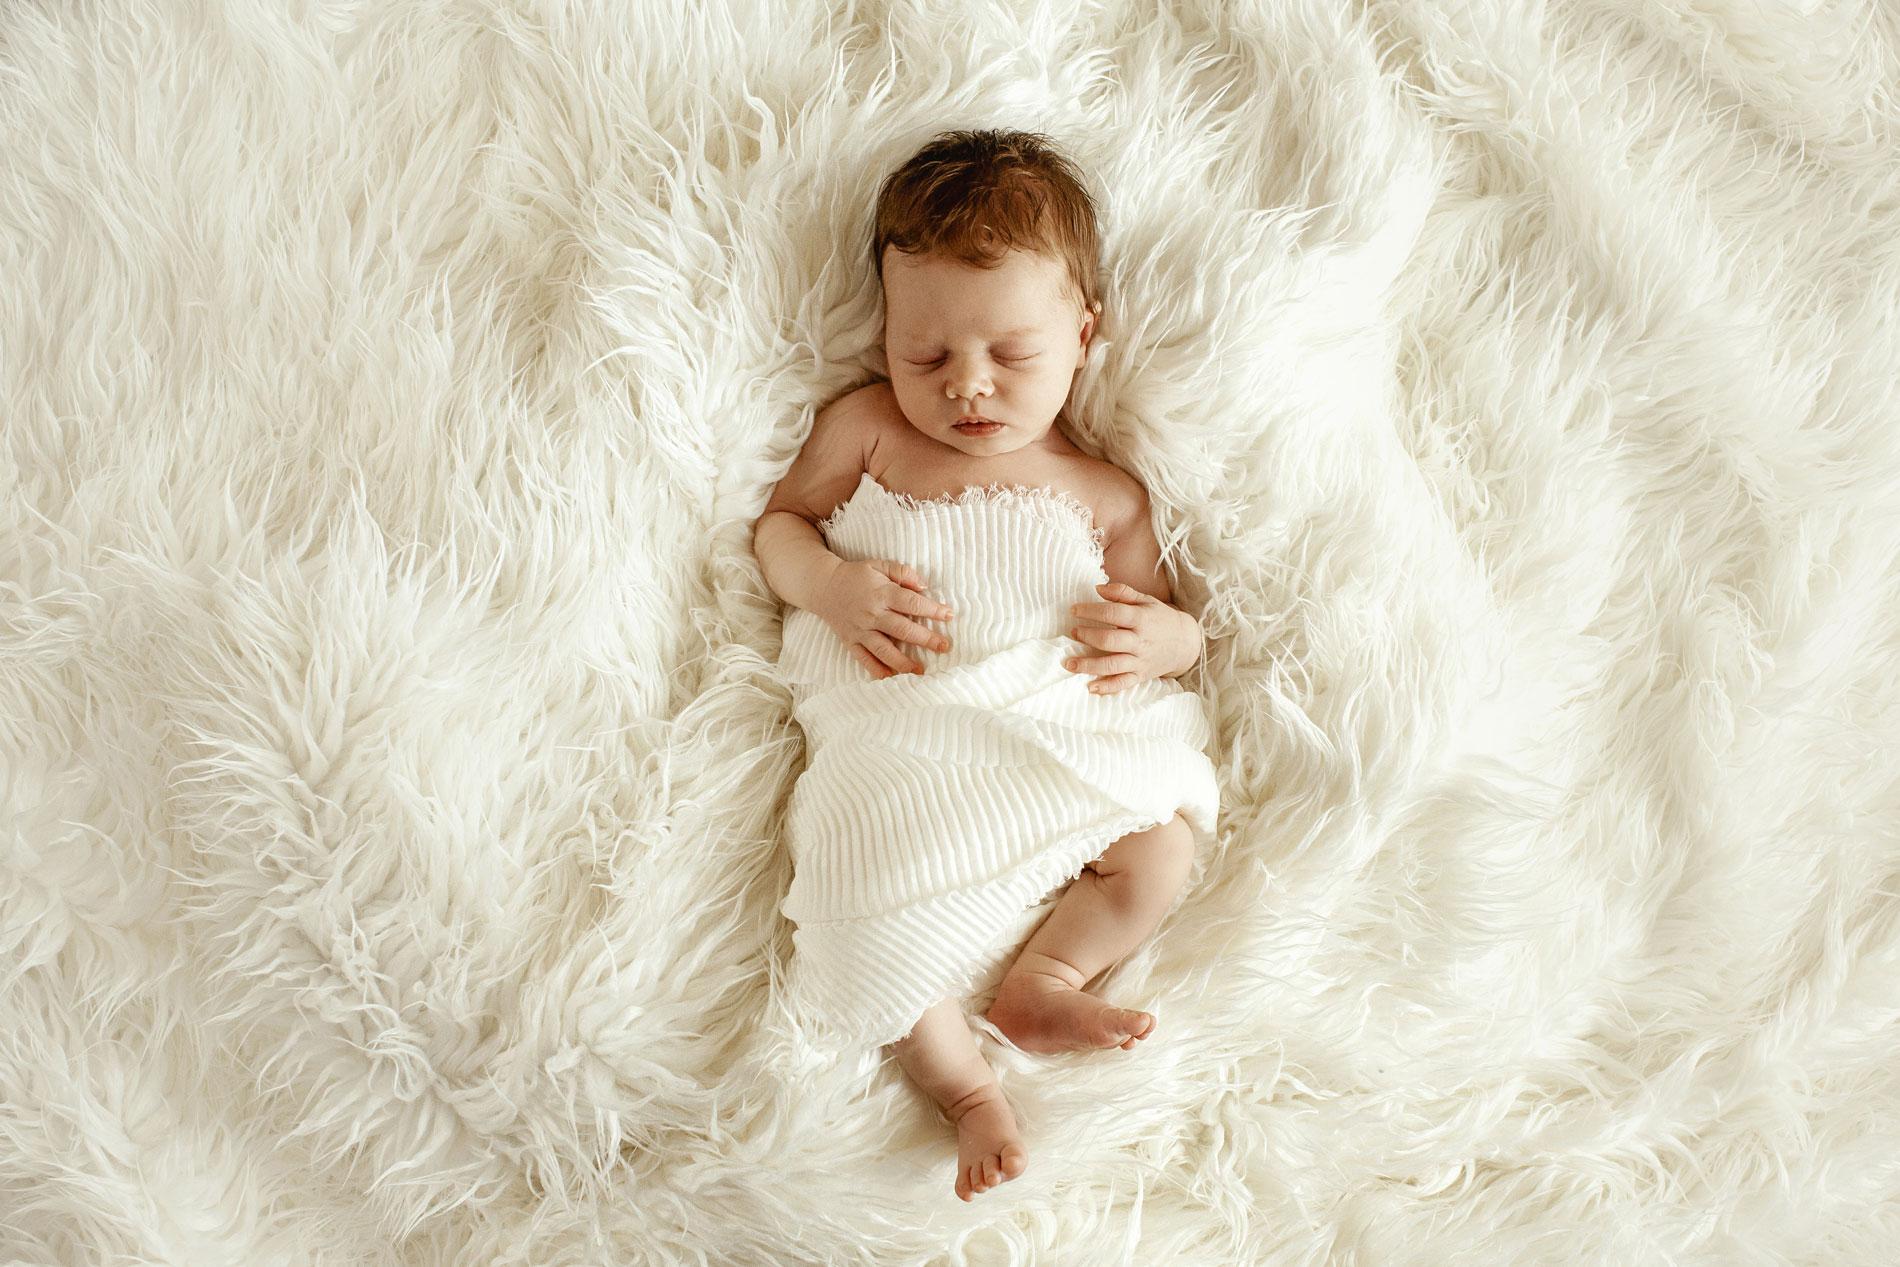 Babyshooting und Neugeborenenfotografie gemütlich zu Hause in Hamburg, Lüneburg, Stade.